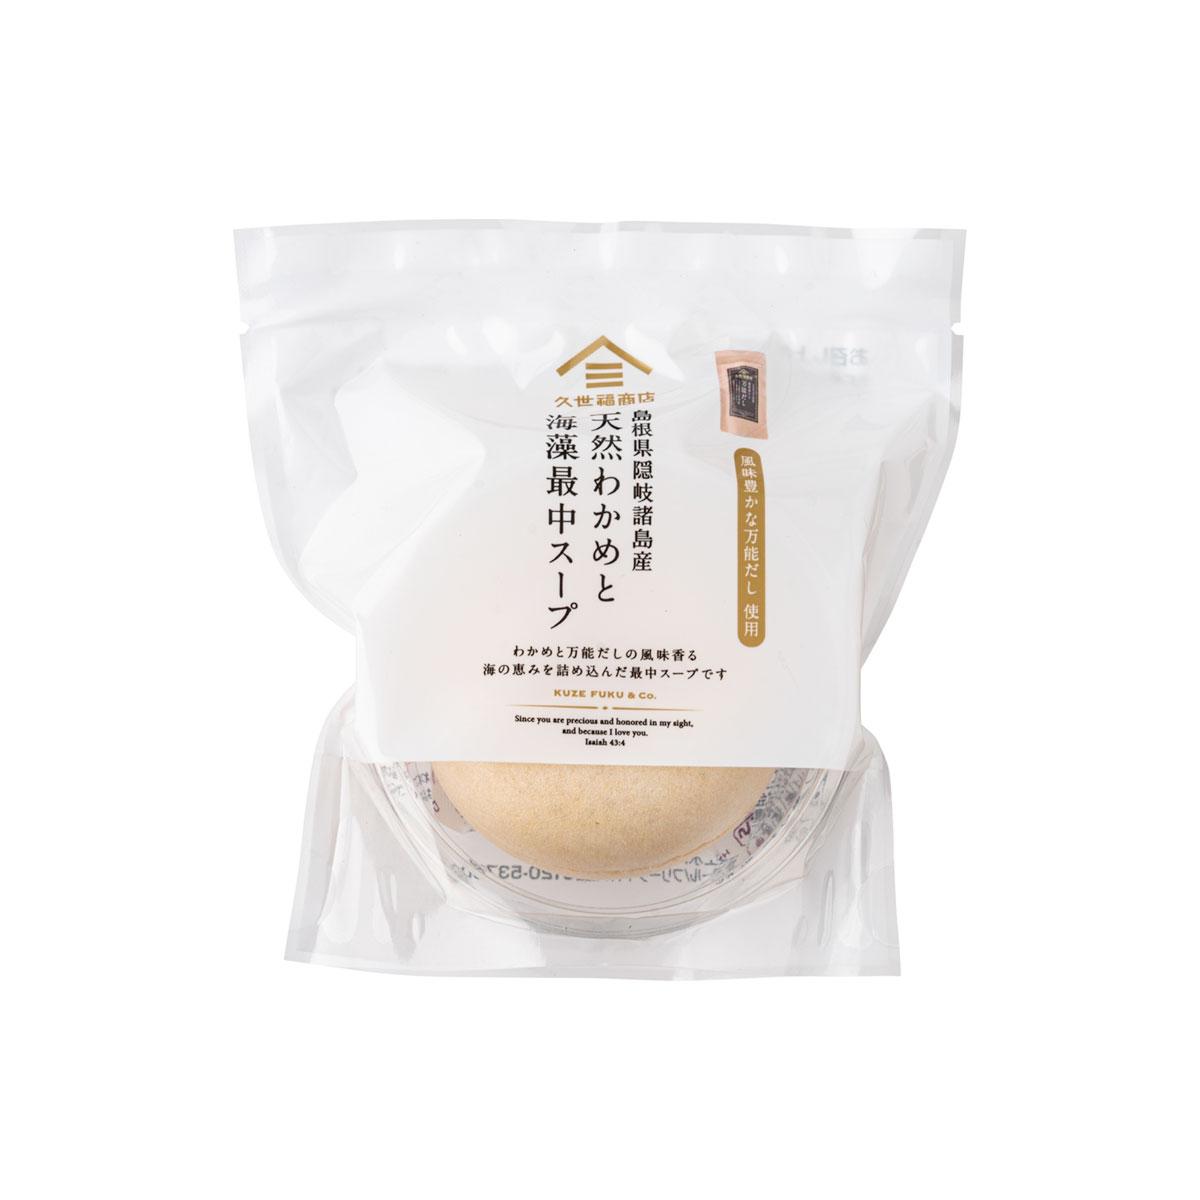 セール 登場から人気沸騰 当店限定販売 天然わかめと海藻スープ を最中の皮で包んだスープです 天然わかめと海藻最中スープ 8g